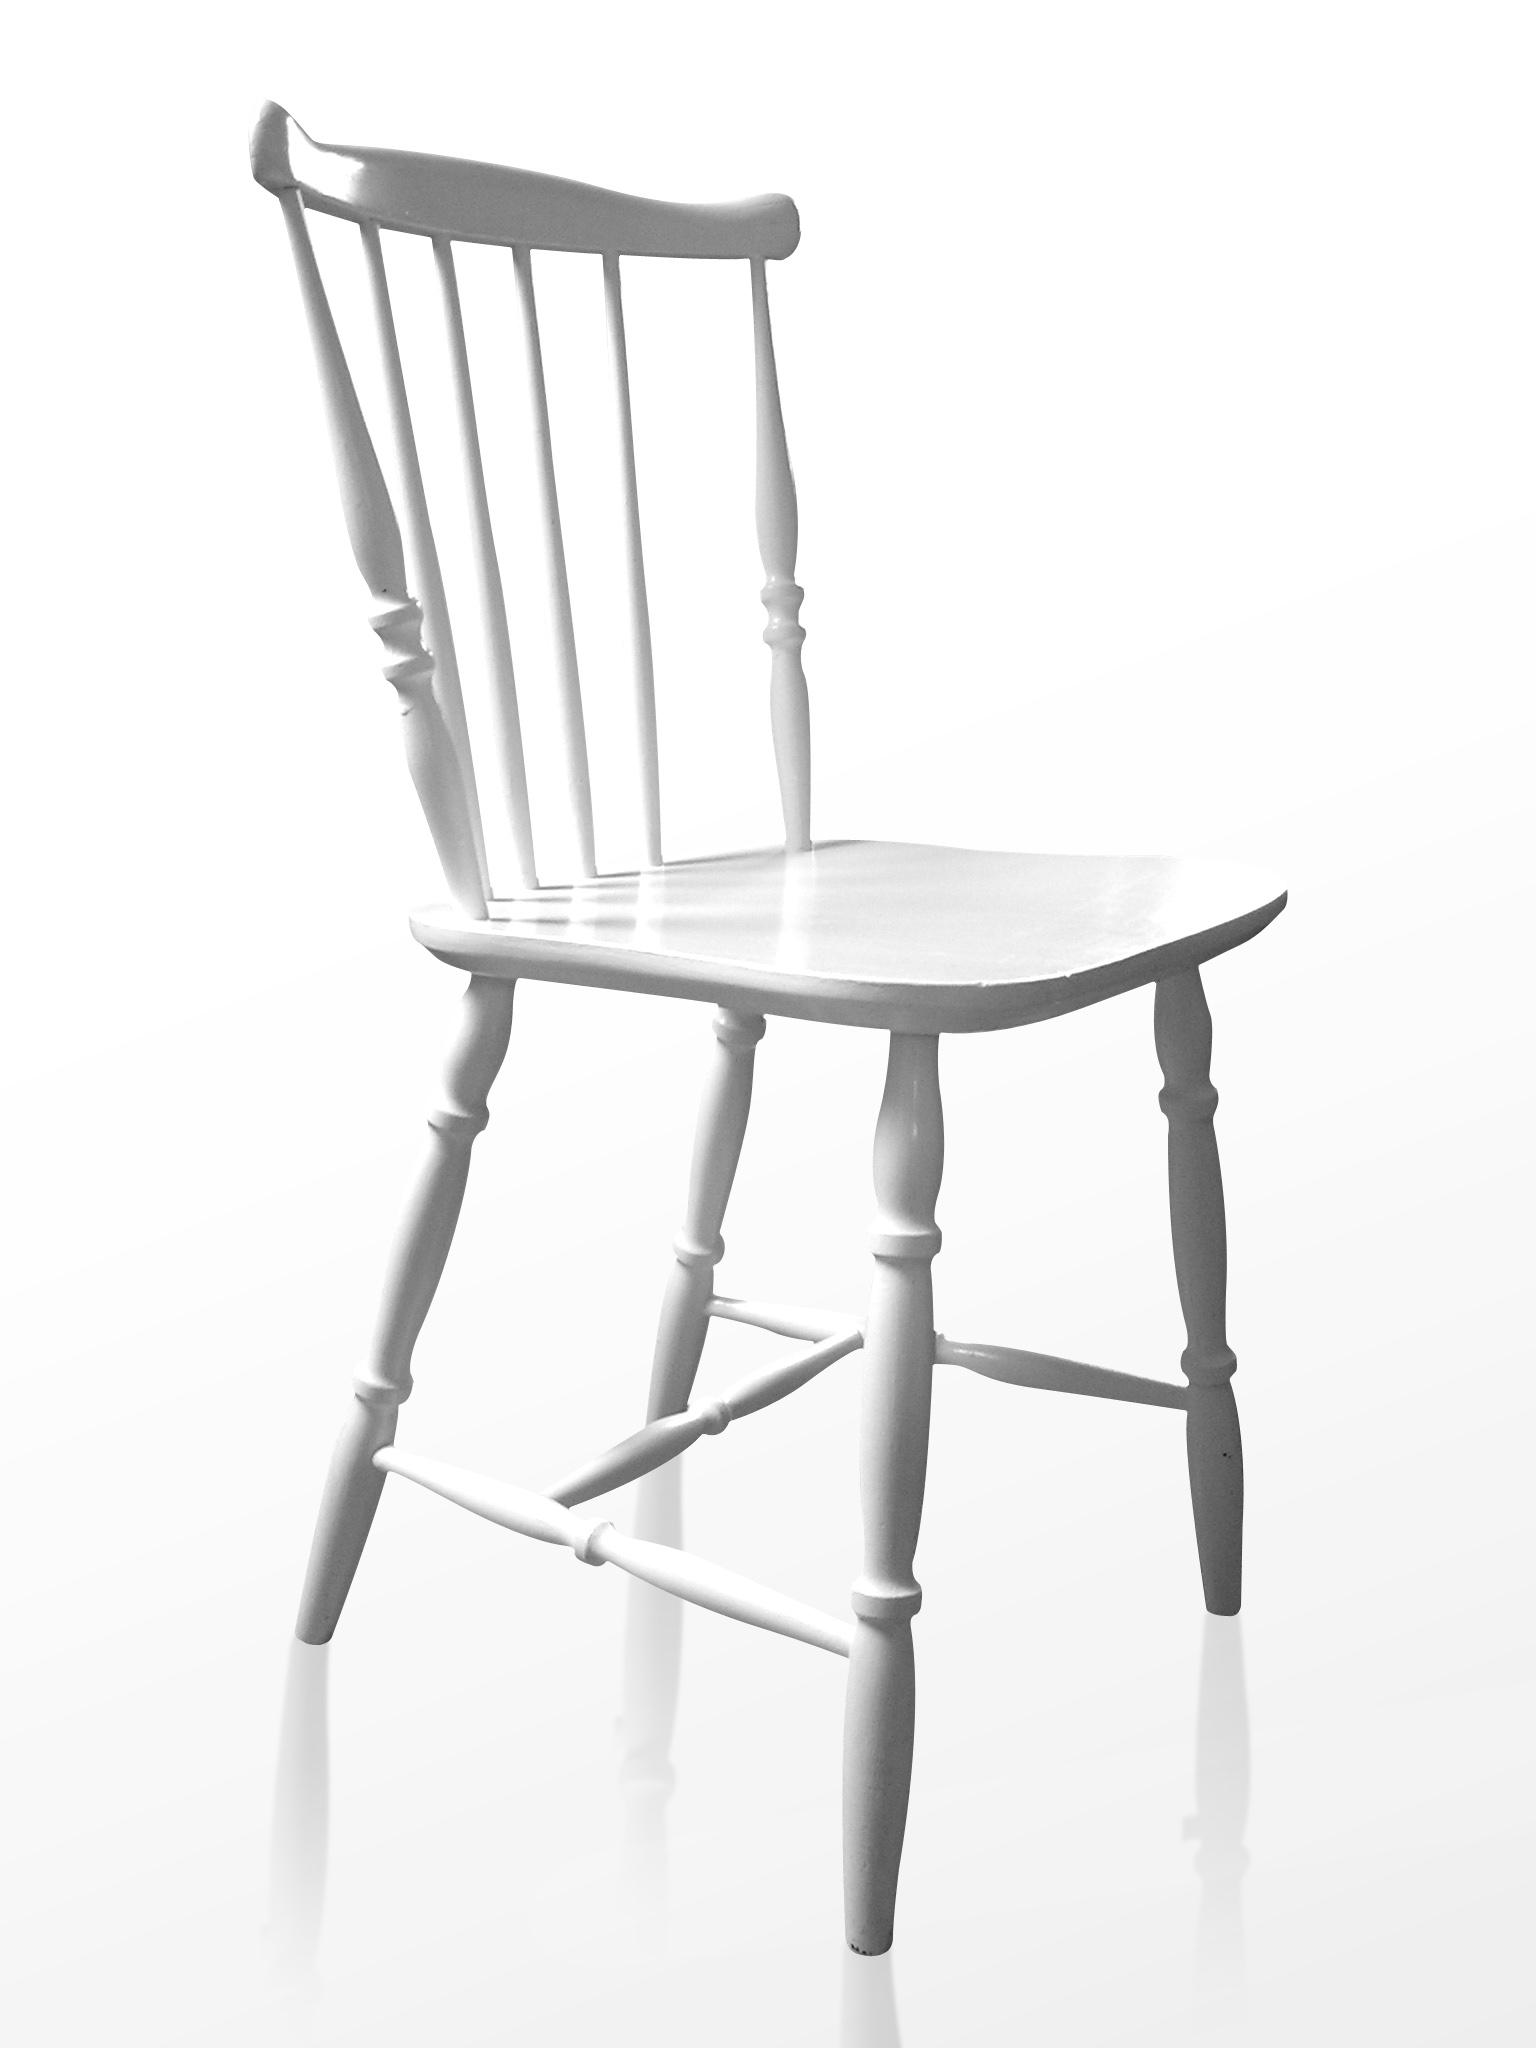 Rajeunir vos vieilles chaises bricolage blog for Vieille chaise en bois